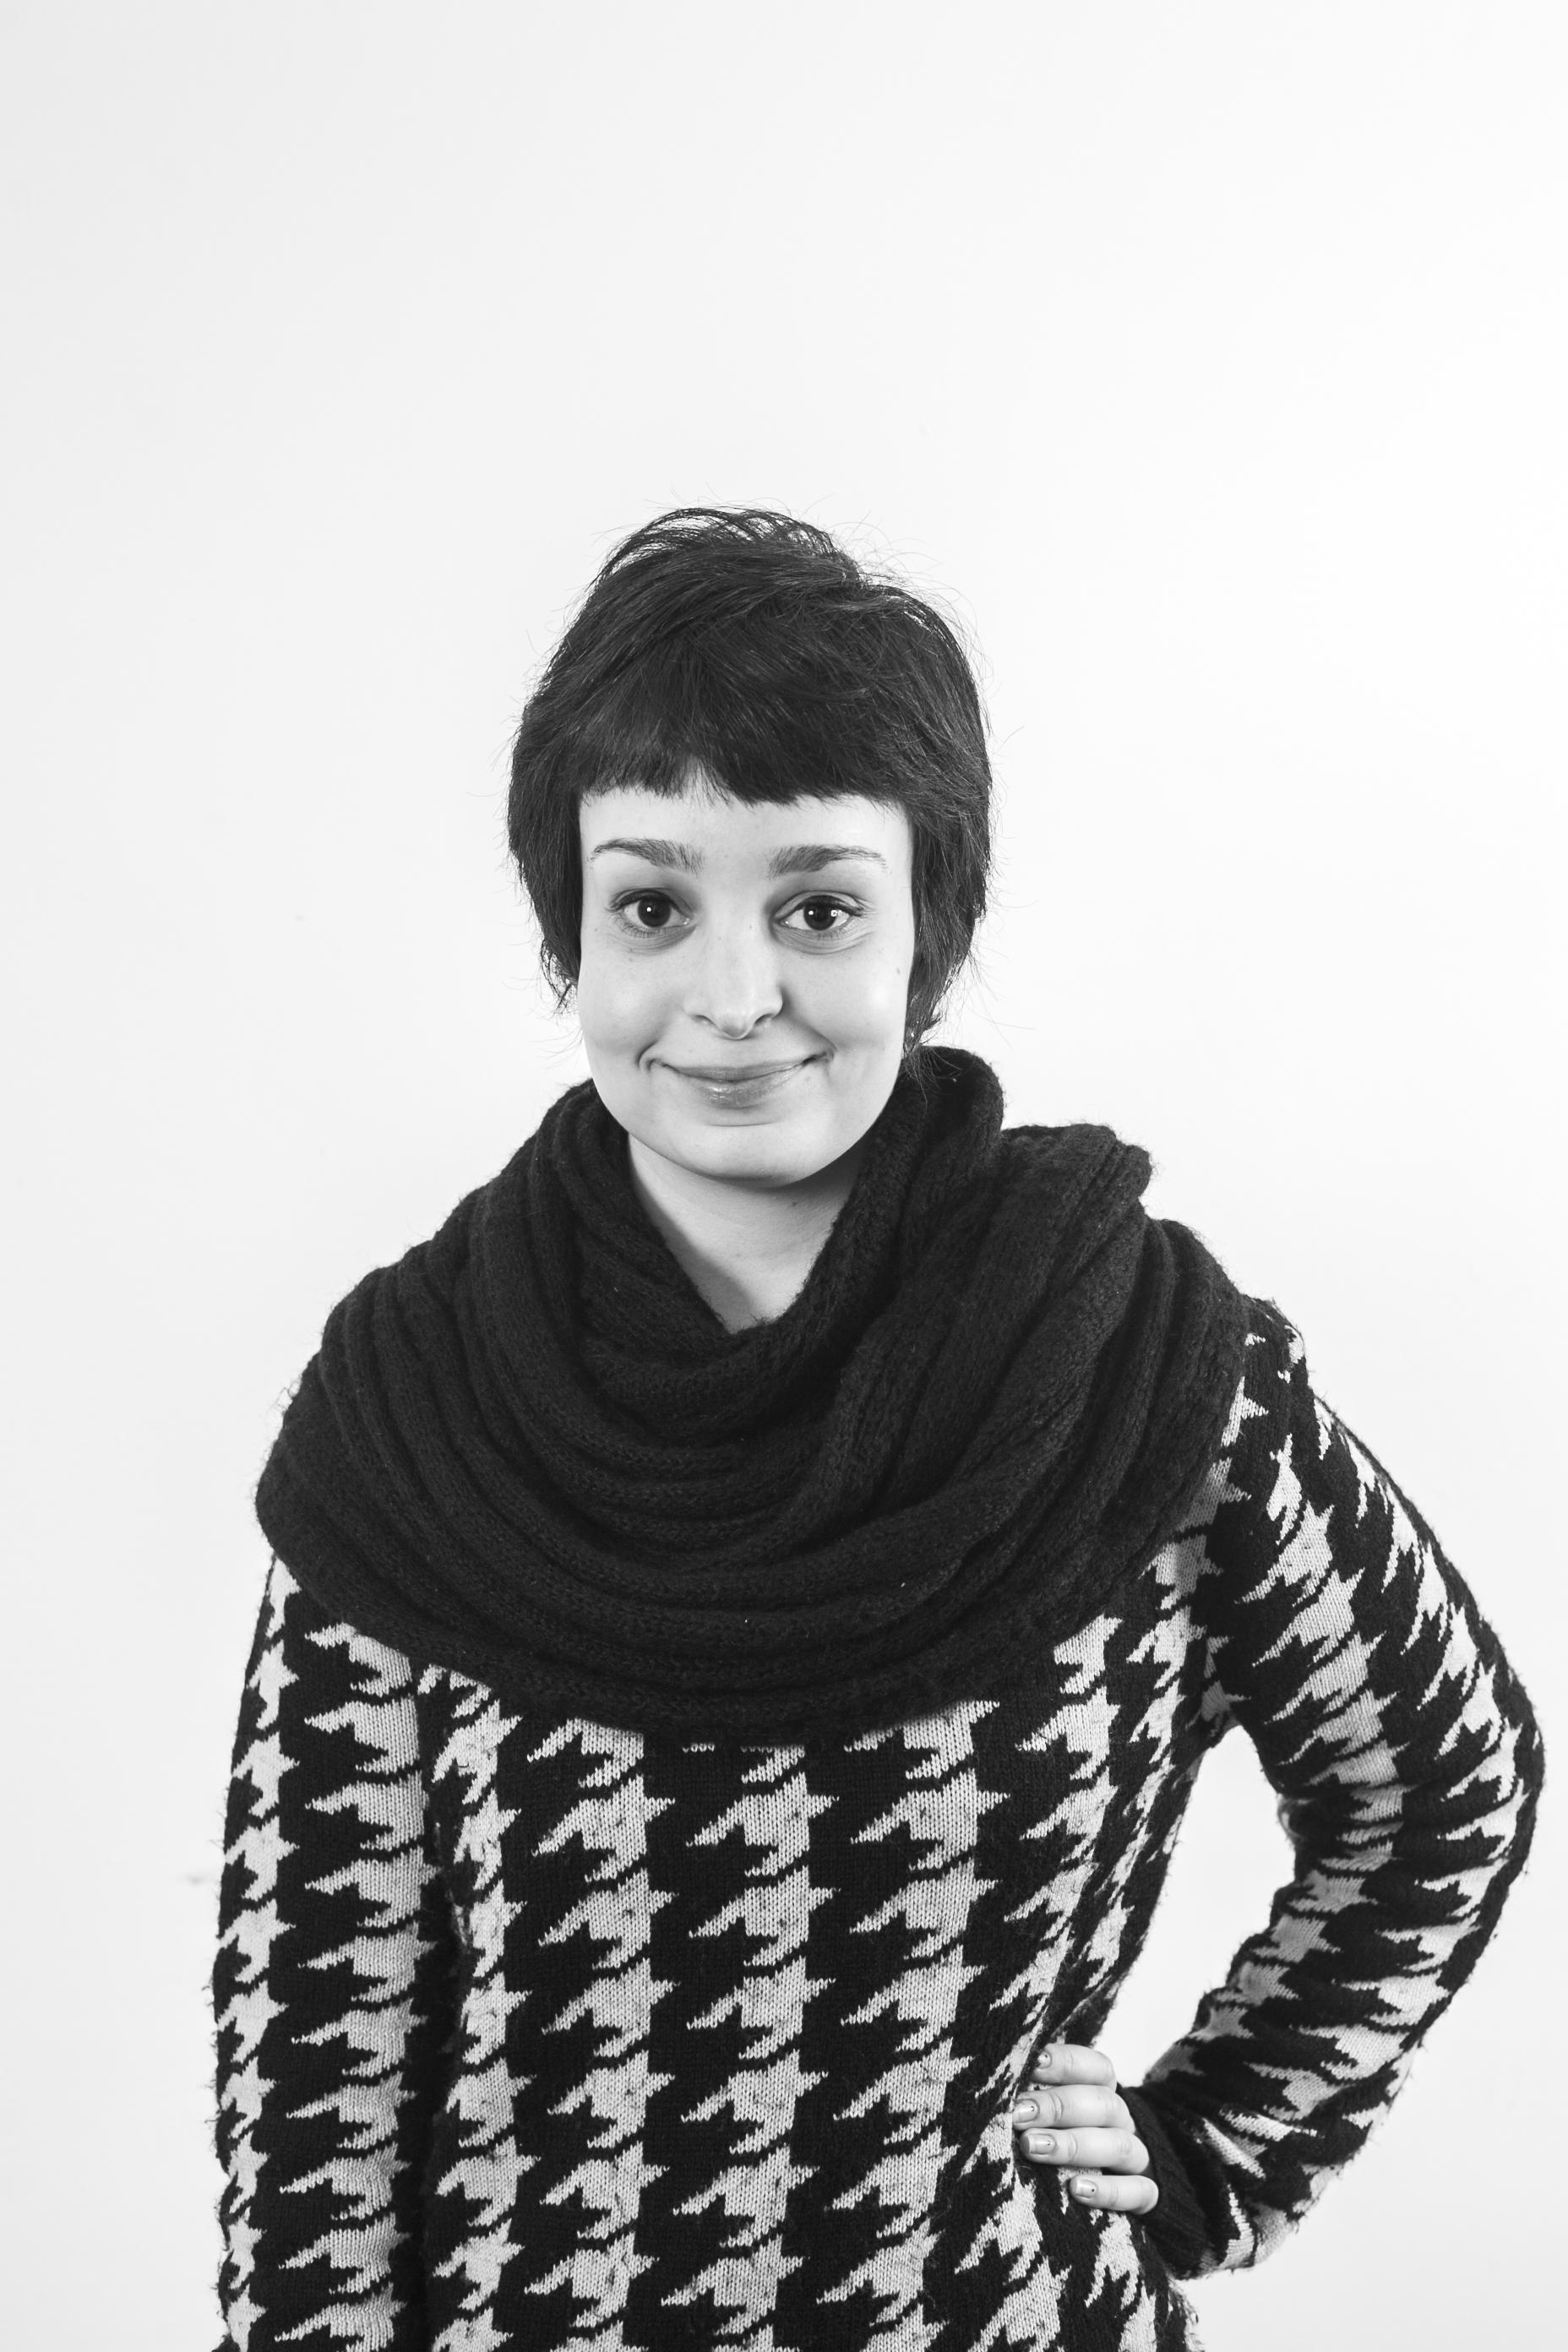 Ana Luiza Araujo